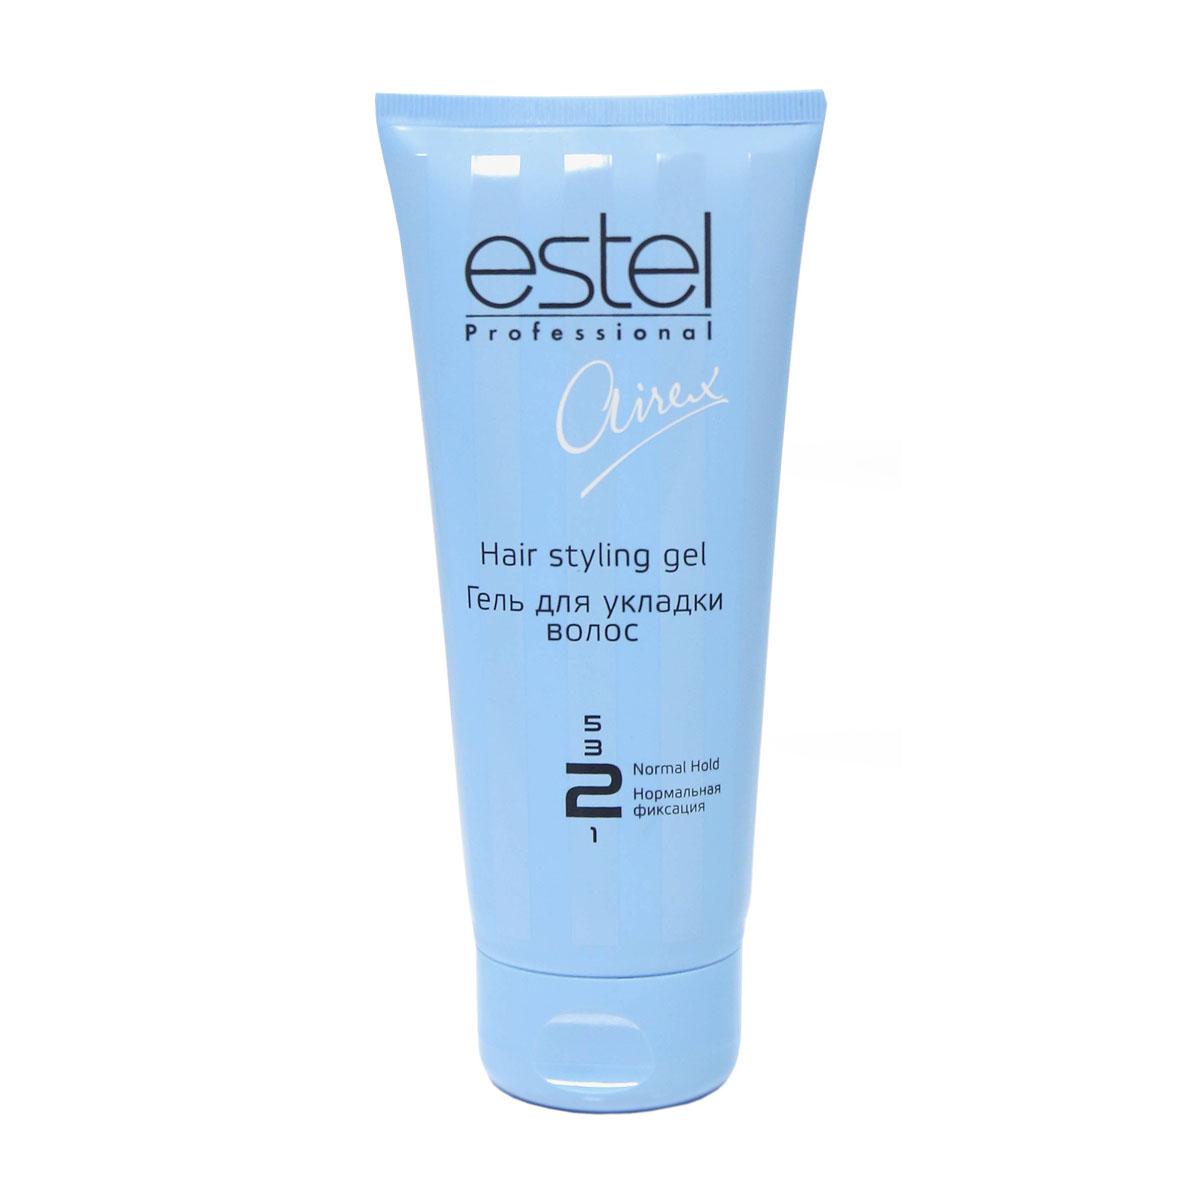 Estel Airex Гель для укладки волос нормальной фиксации 200 млAG200/1Гель для укладки волос нормальной фиксации Estel Airex содержит активные увлажняющие компоненты, провитамин В5 и комплекс силоксанов, придающий блеск. В результате длительная фиксация, и эффект мокрых волос.